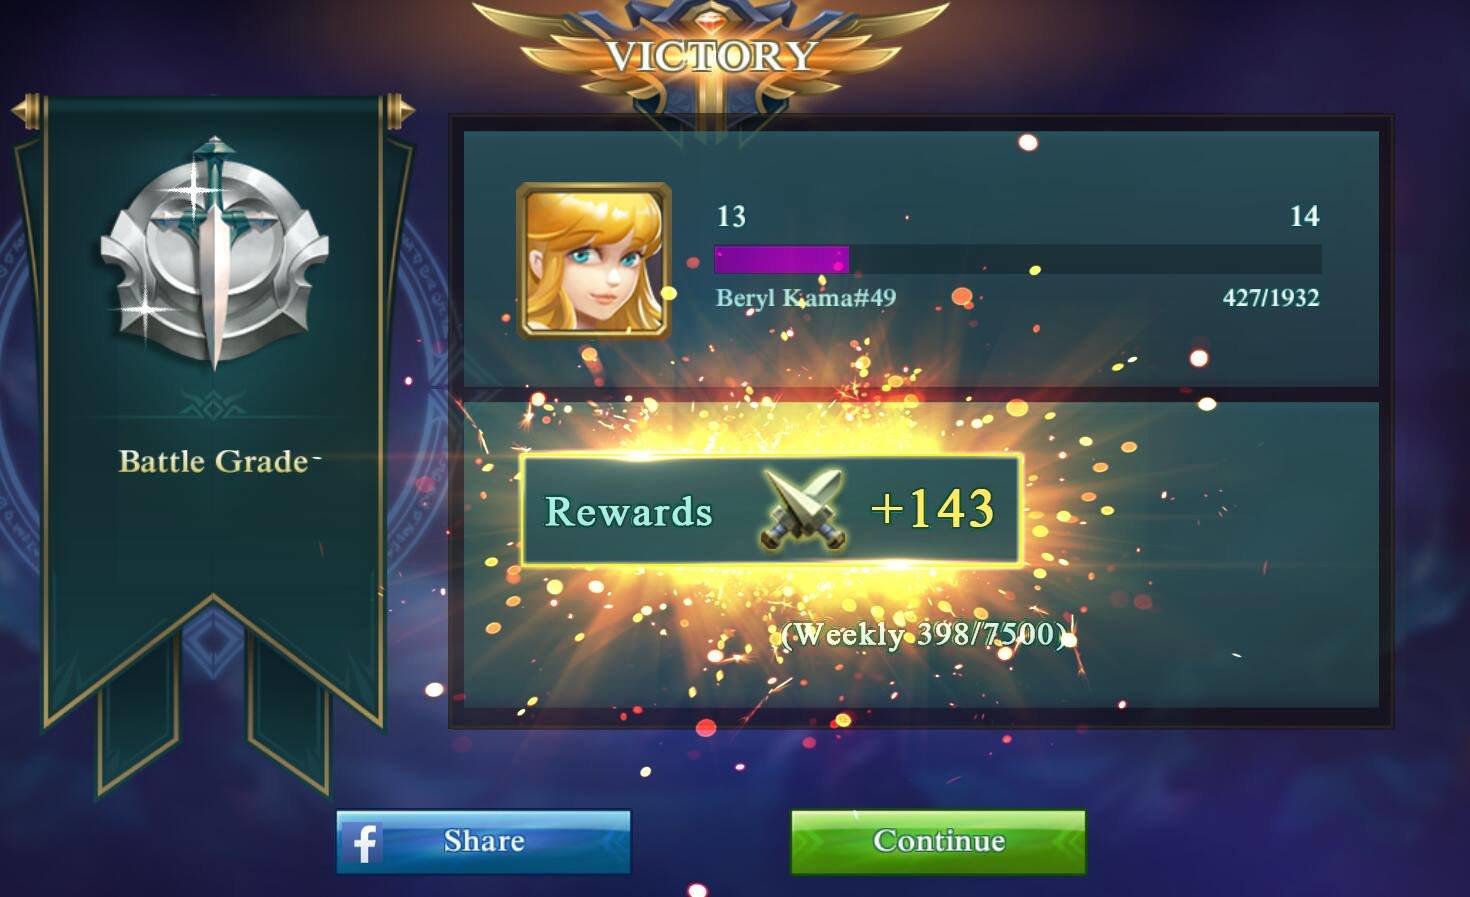 Mobile-Legends-Battle-Points-Rewards-Up